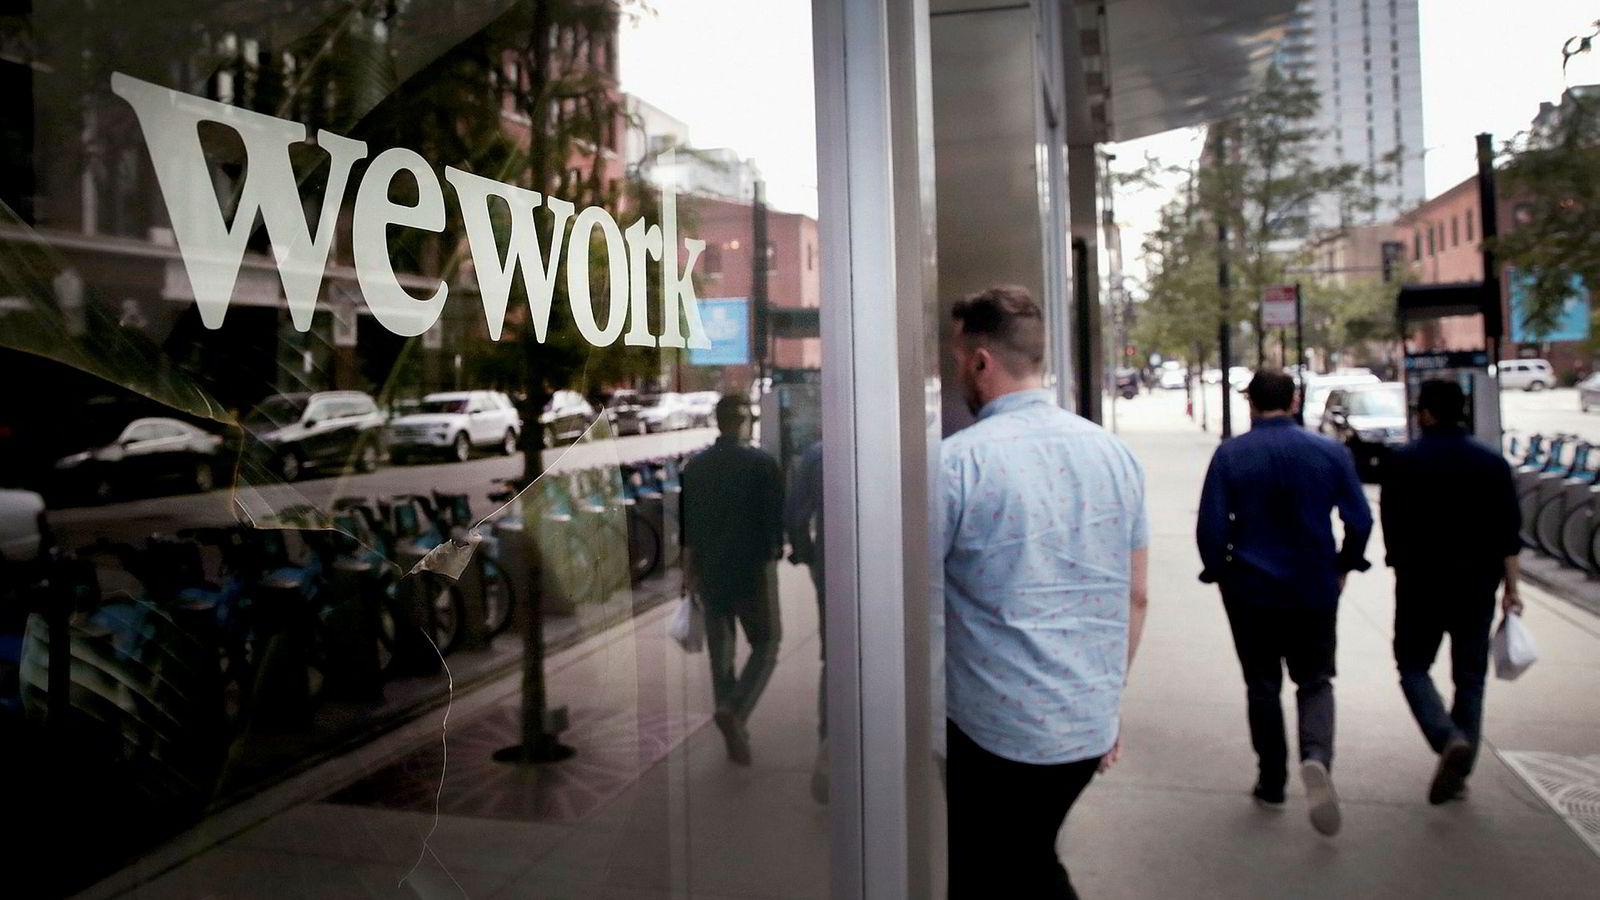 Siden etableringen i 2010 har WeWork dukket opp i storbyer over hele verden med fleksible kontorløsninger. Selskapet ble verdsatt til 47 milliarder dollar tidligere i år. Nå forsøker de å overbevise investorer om at det er verdt halvparten – kanskje mindre – før en planlagt børsnotering i september.